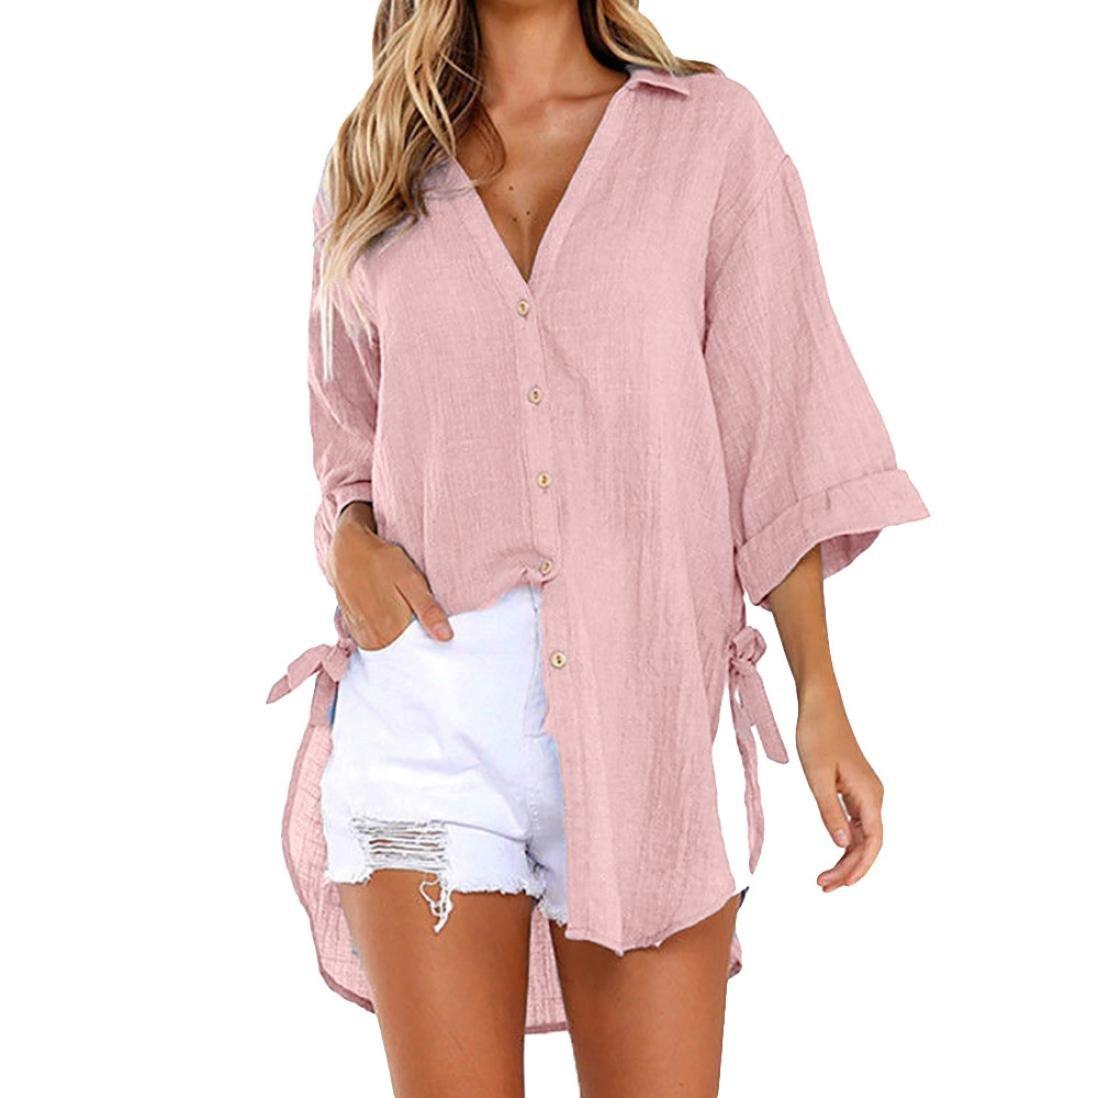 Flurries Women Dress, Womens Loose Button Long Shirt Dress Cotton Ladies Casual Tops T-Shirt Blouse (XL, Pink)